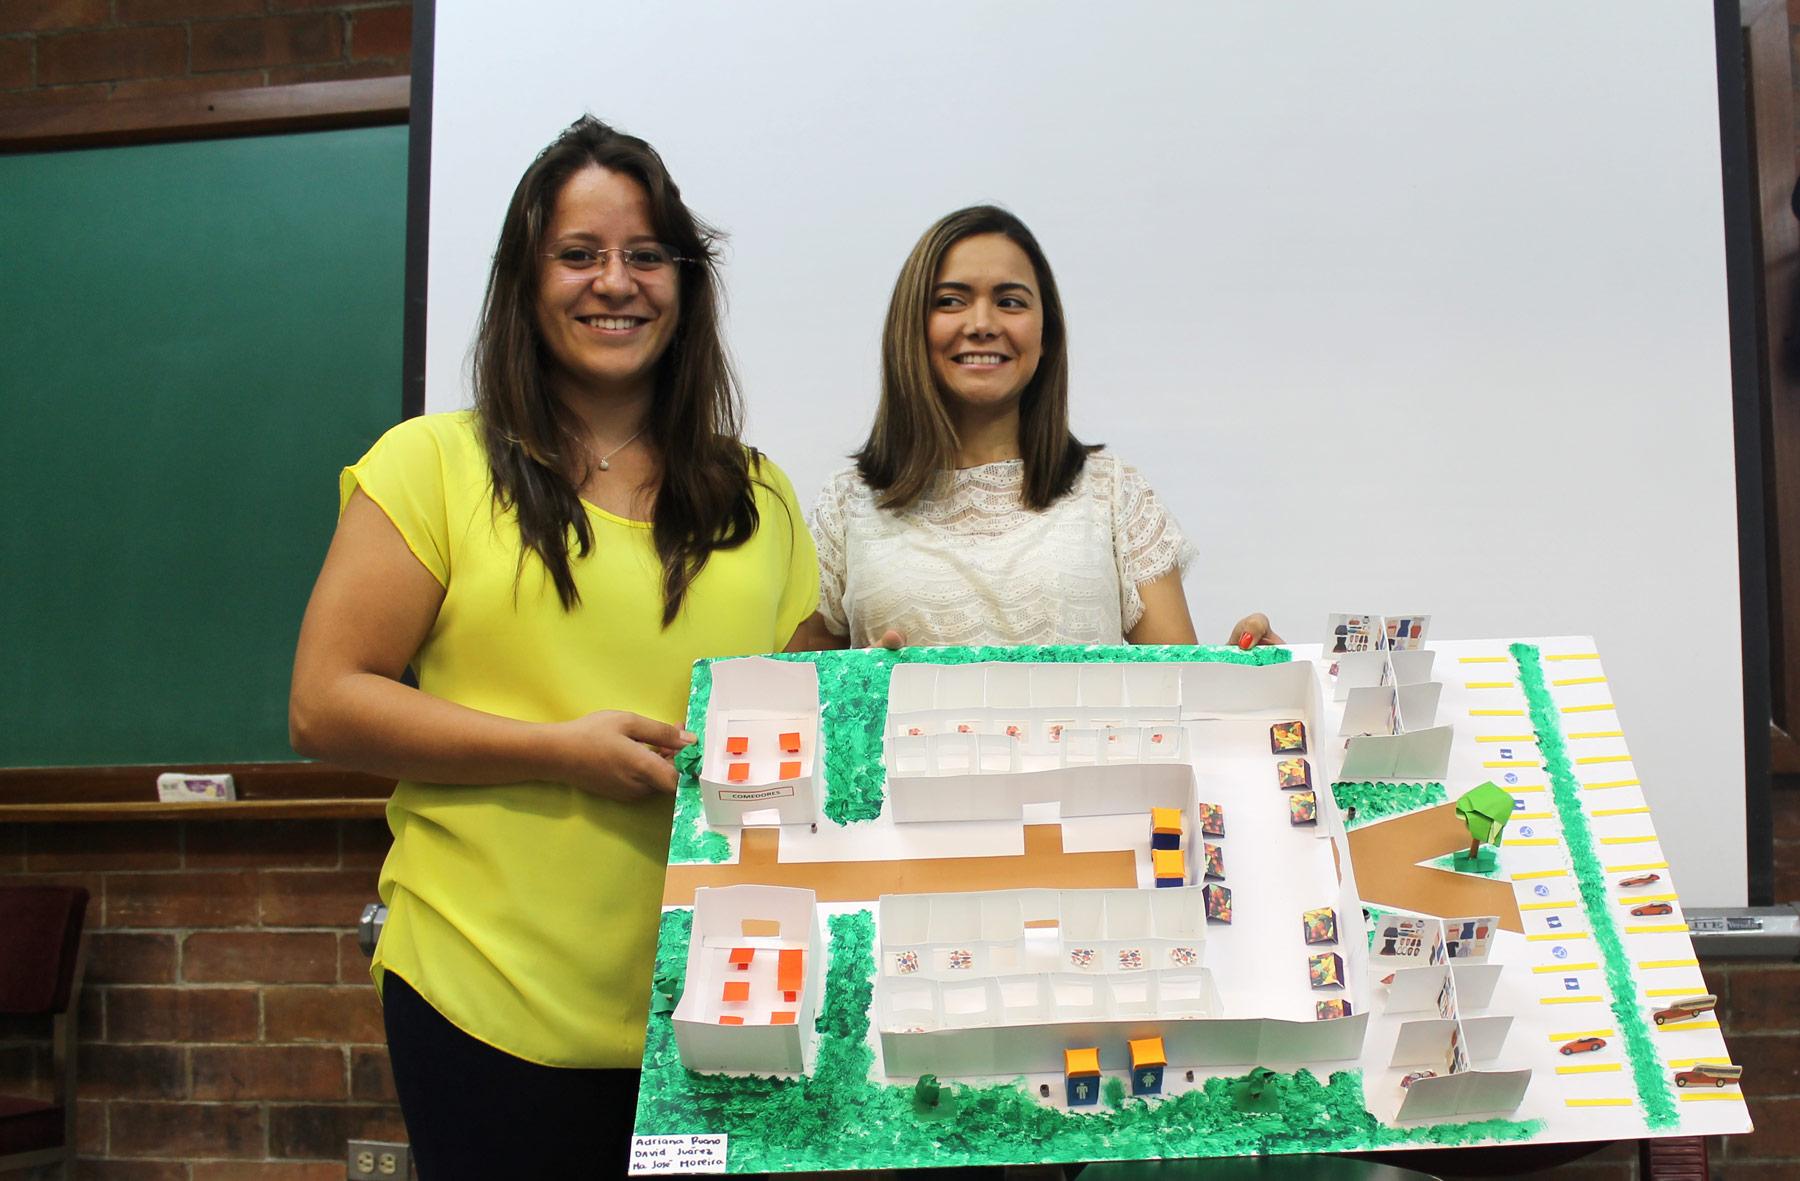 Estudiantes de la carrera de Nutrición clínica elaboraron una maqueta con una propuesta para reubicar las áreas de alimentos en el mercado La Pólvora.